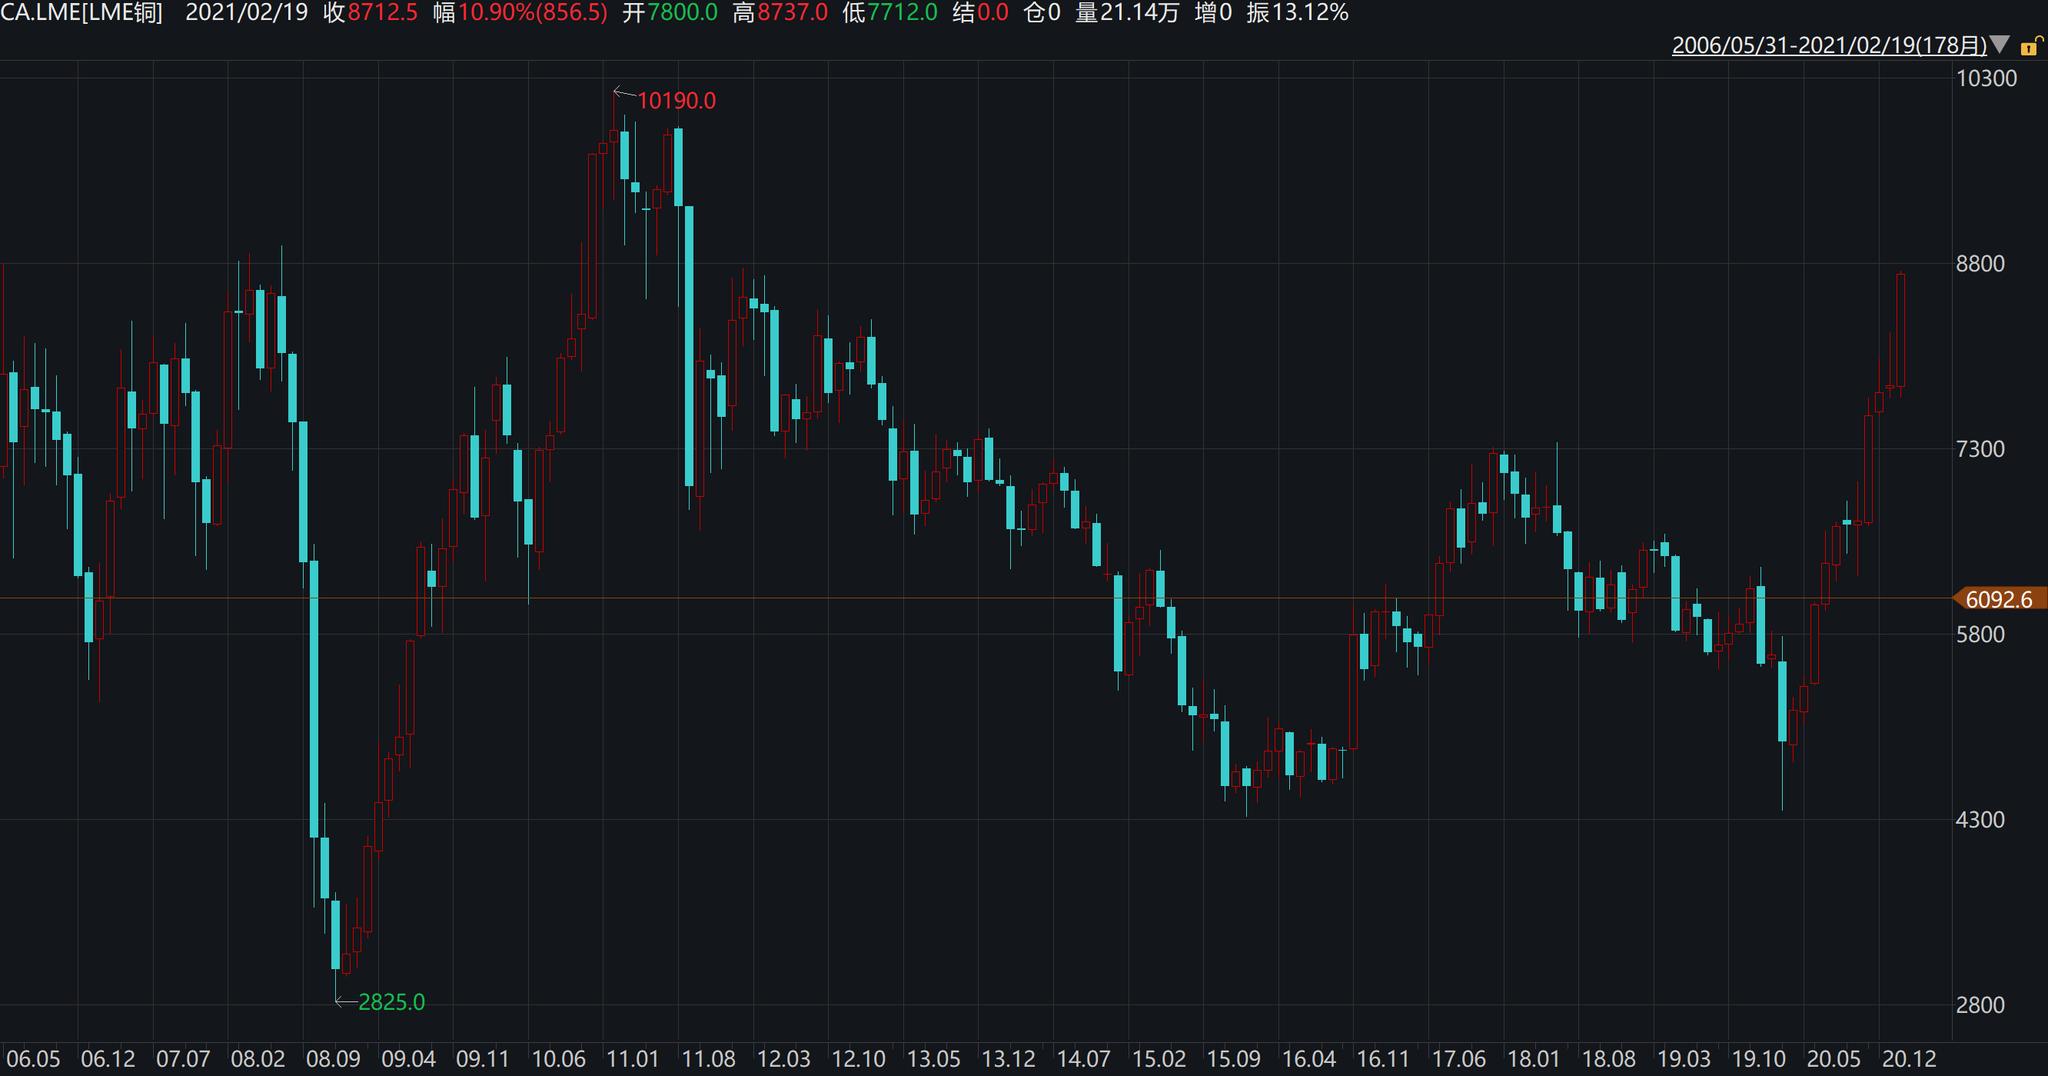 高盛上调铜价预期至历史新高 周期资产交易拥挤恐引发美股回调